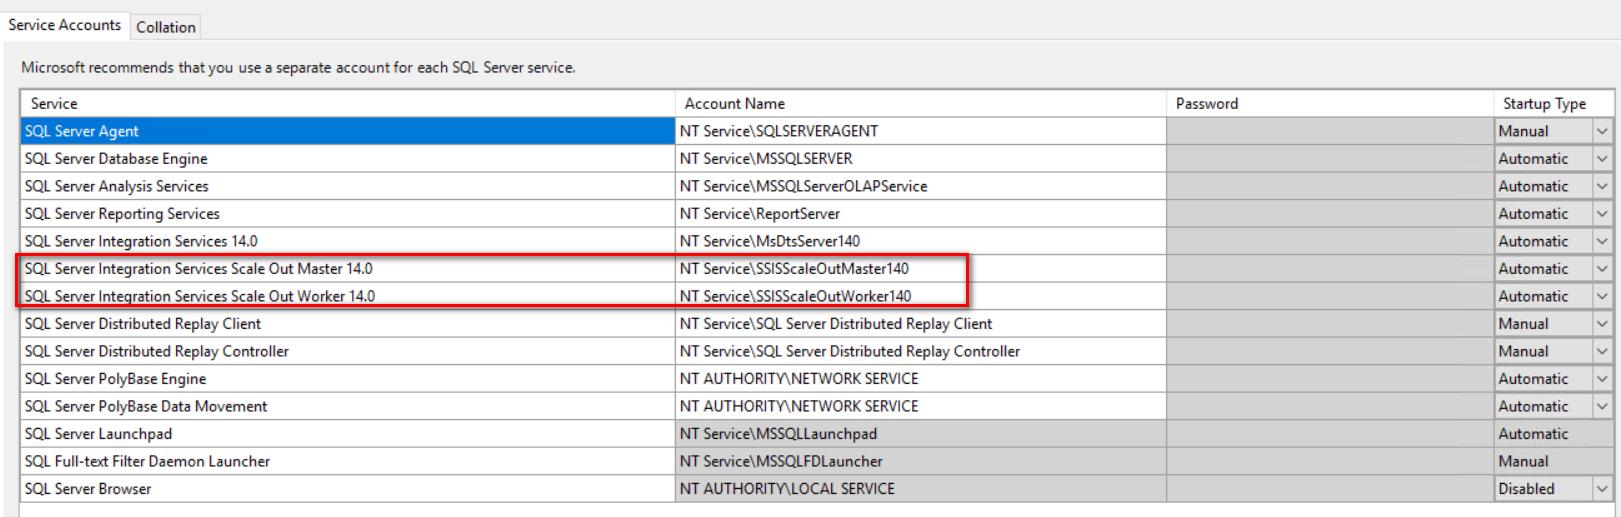 vNext_ServiceAccounts